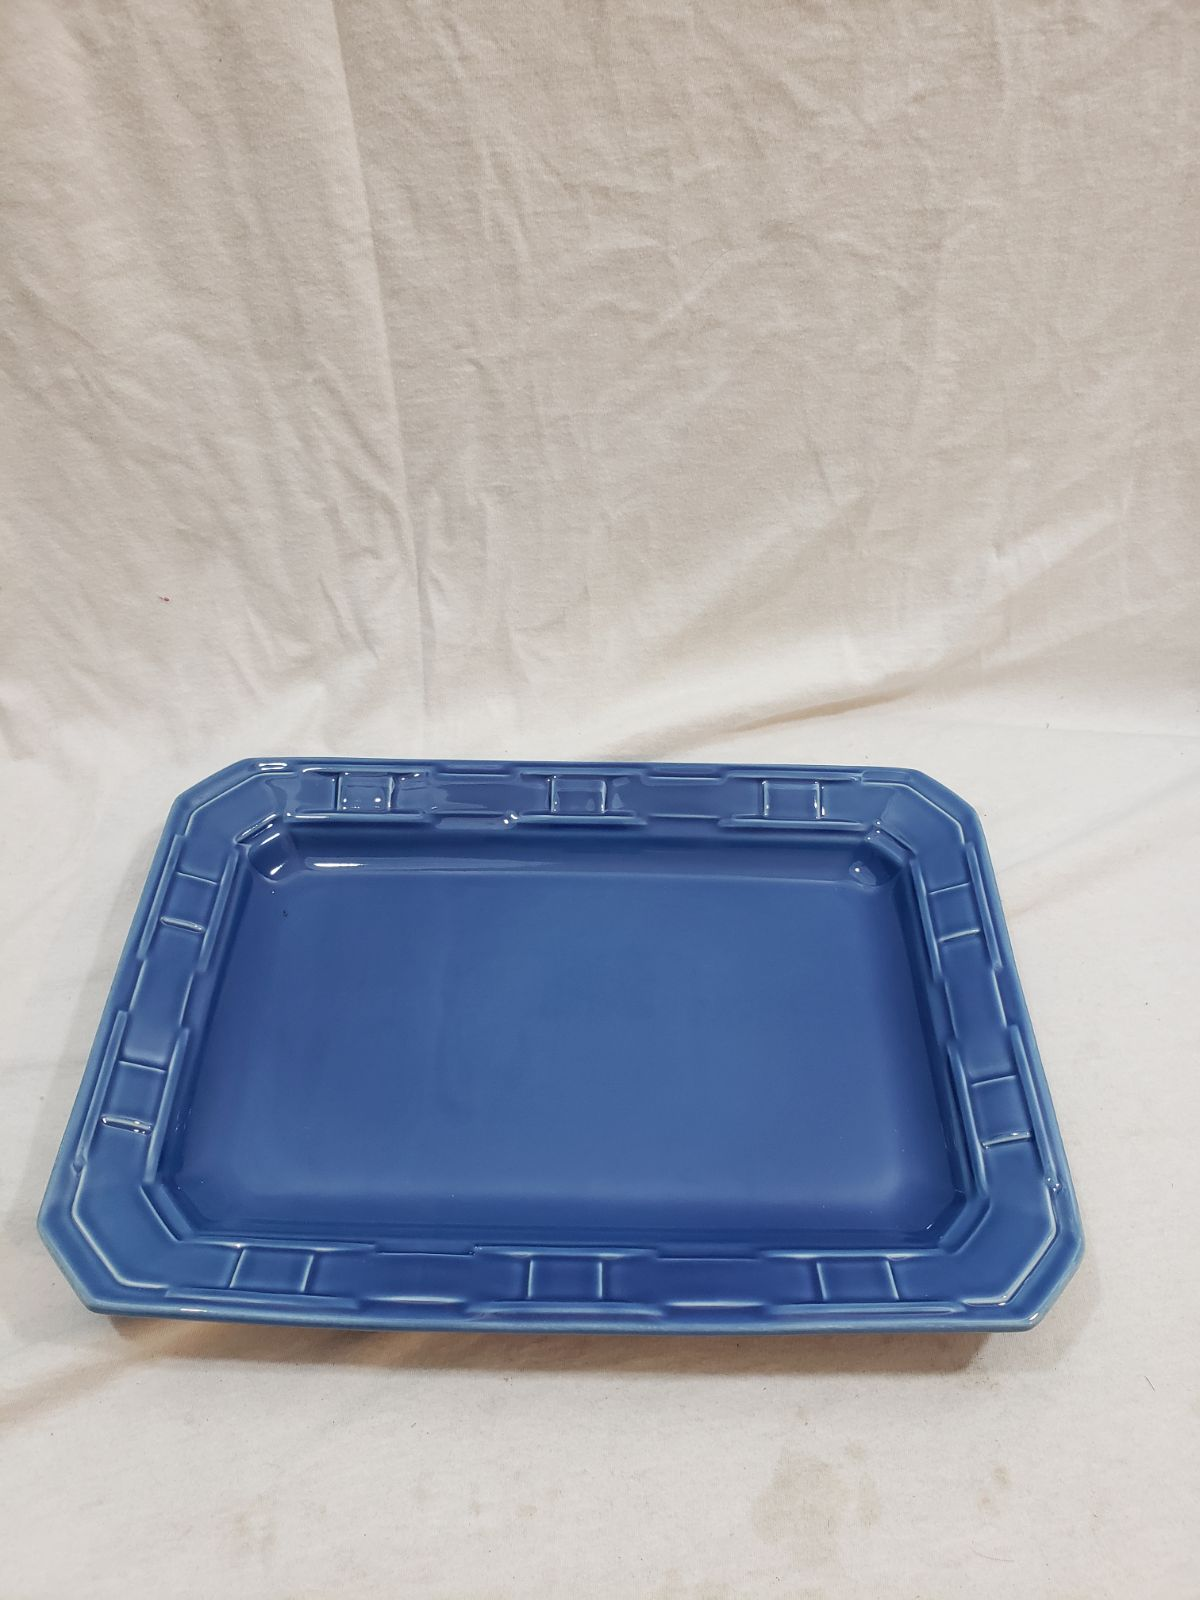 Longaberger 13 inch Serving Platter